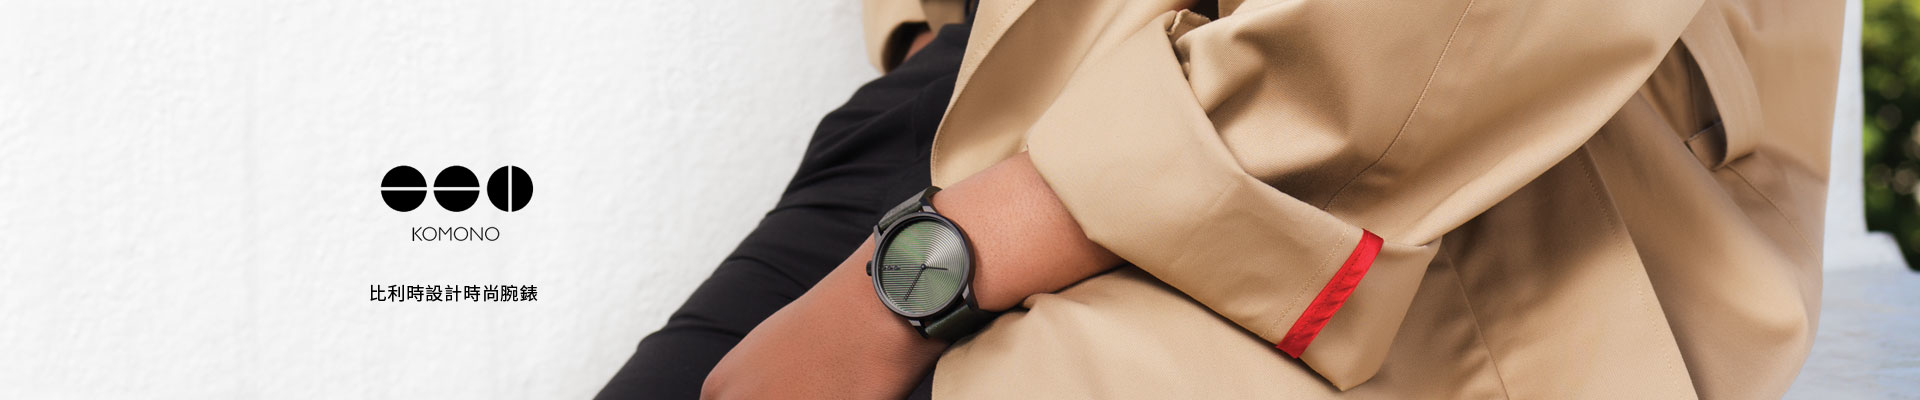 komono時尚腕錶